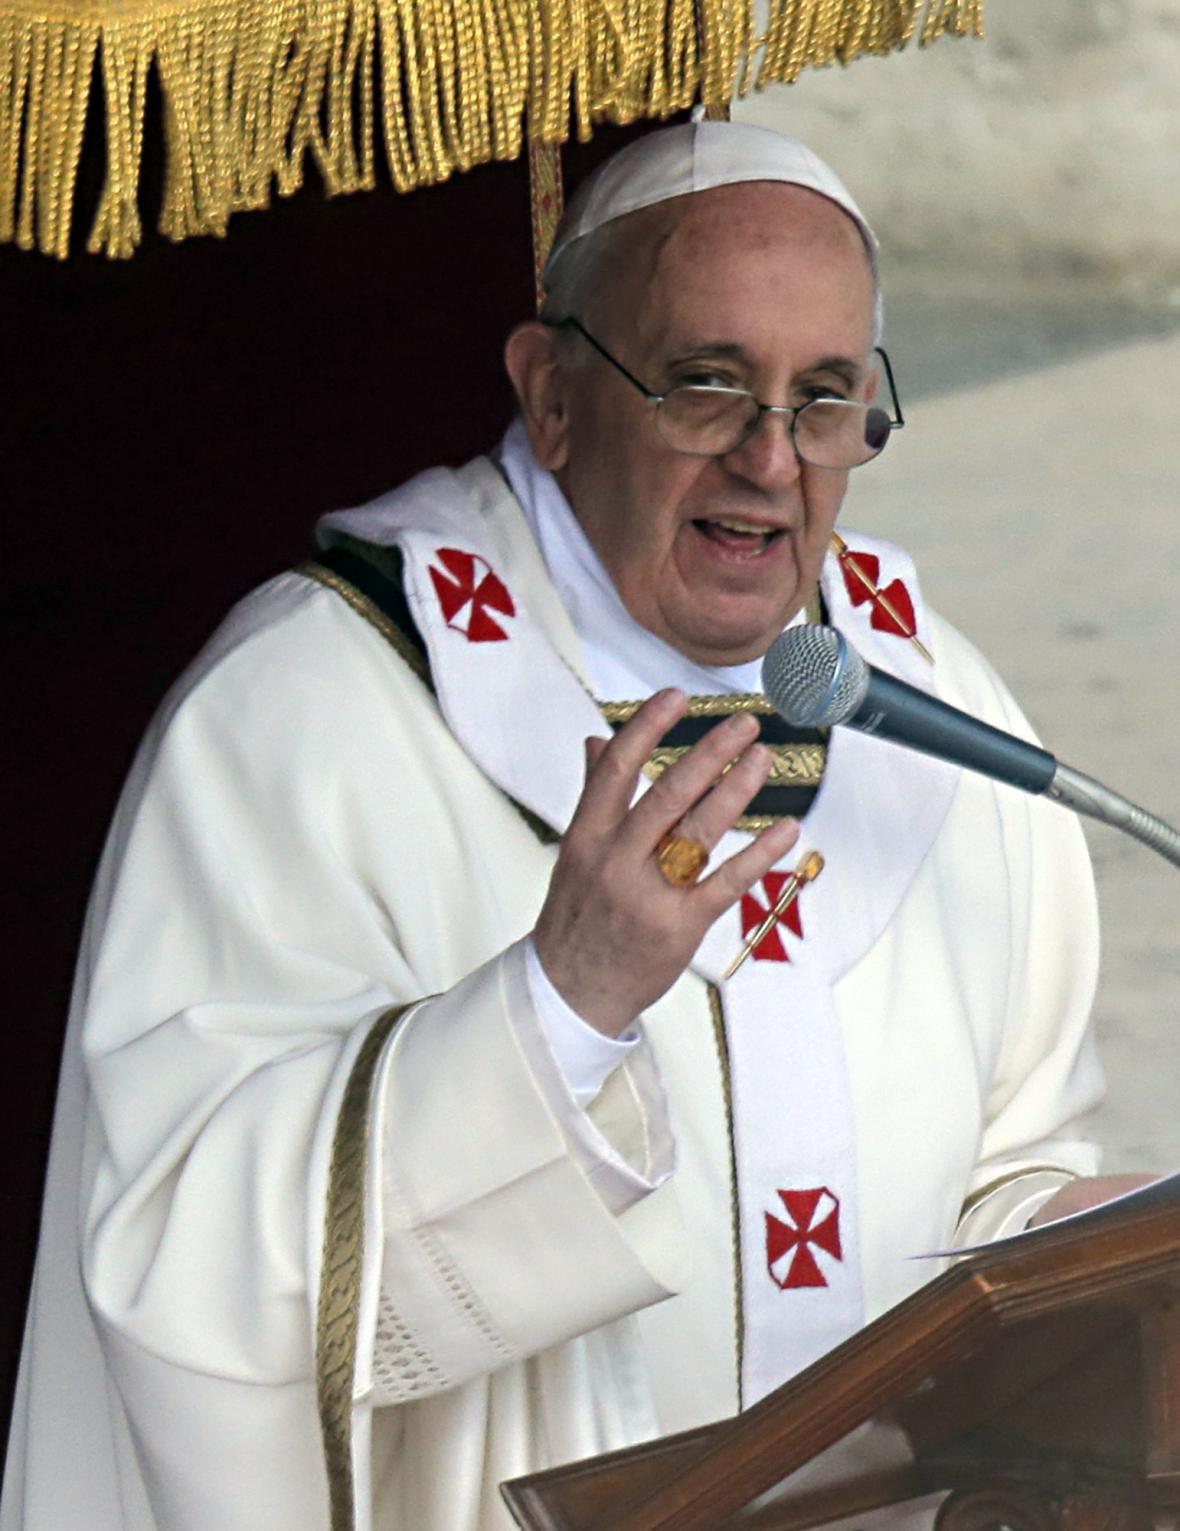 František celebruje svou inaugurační mši